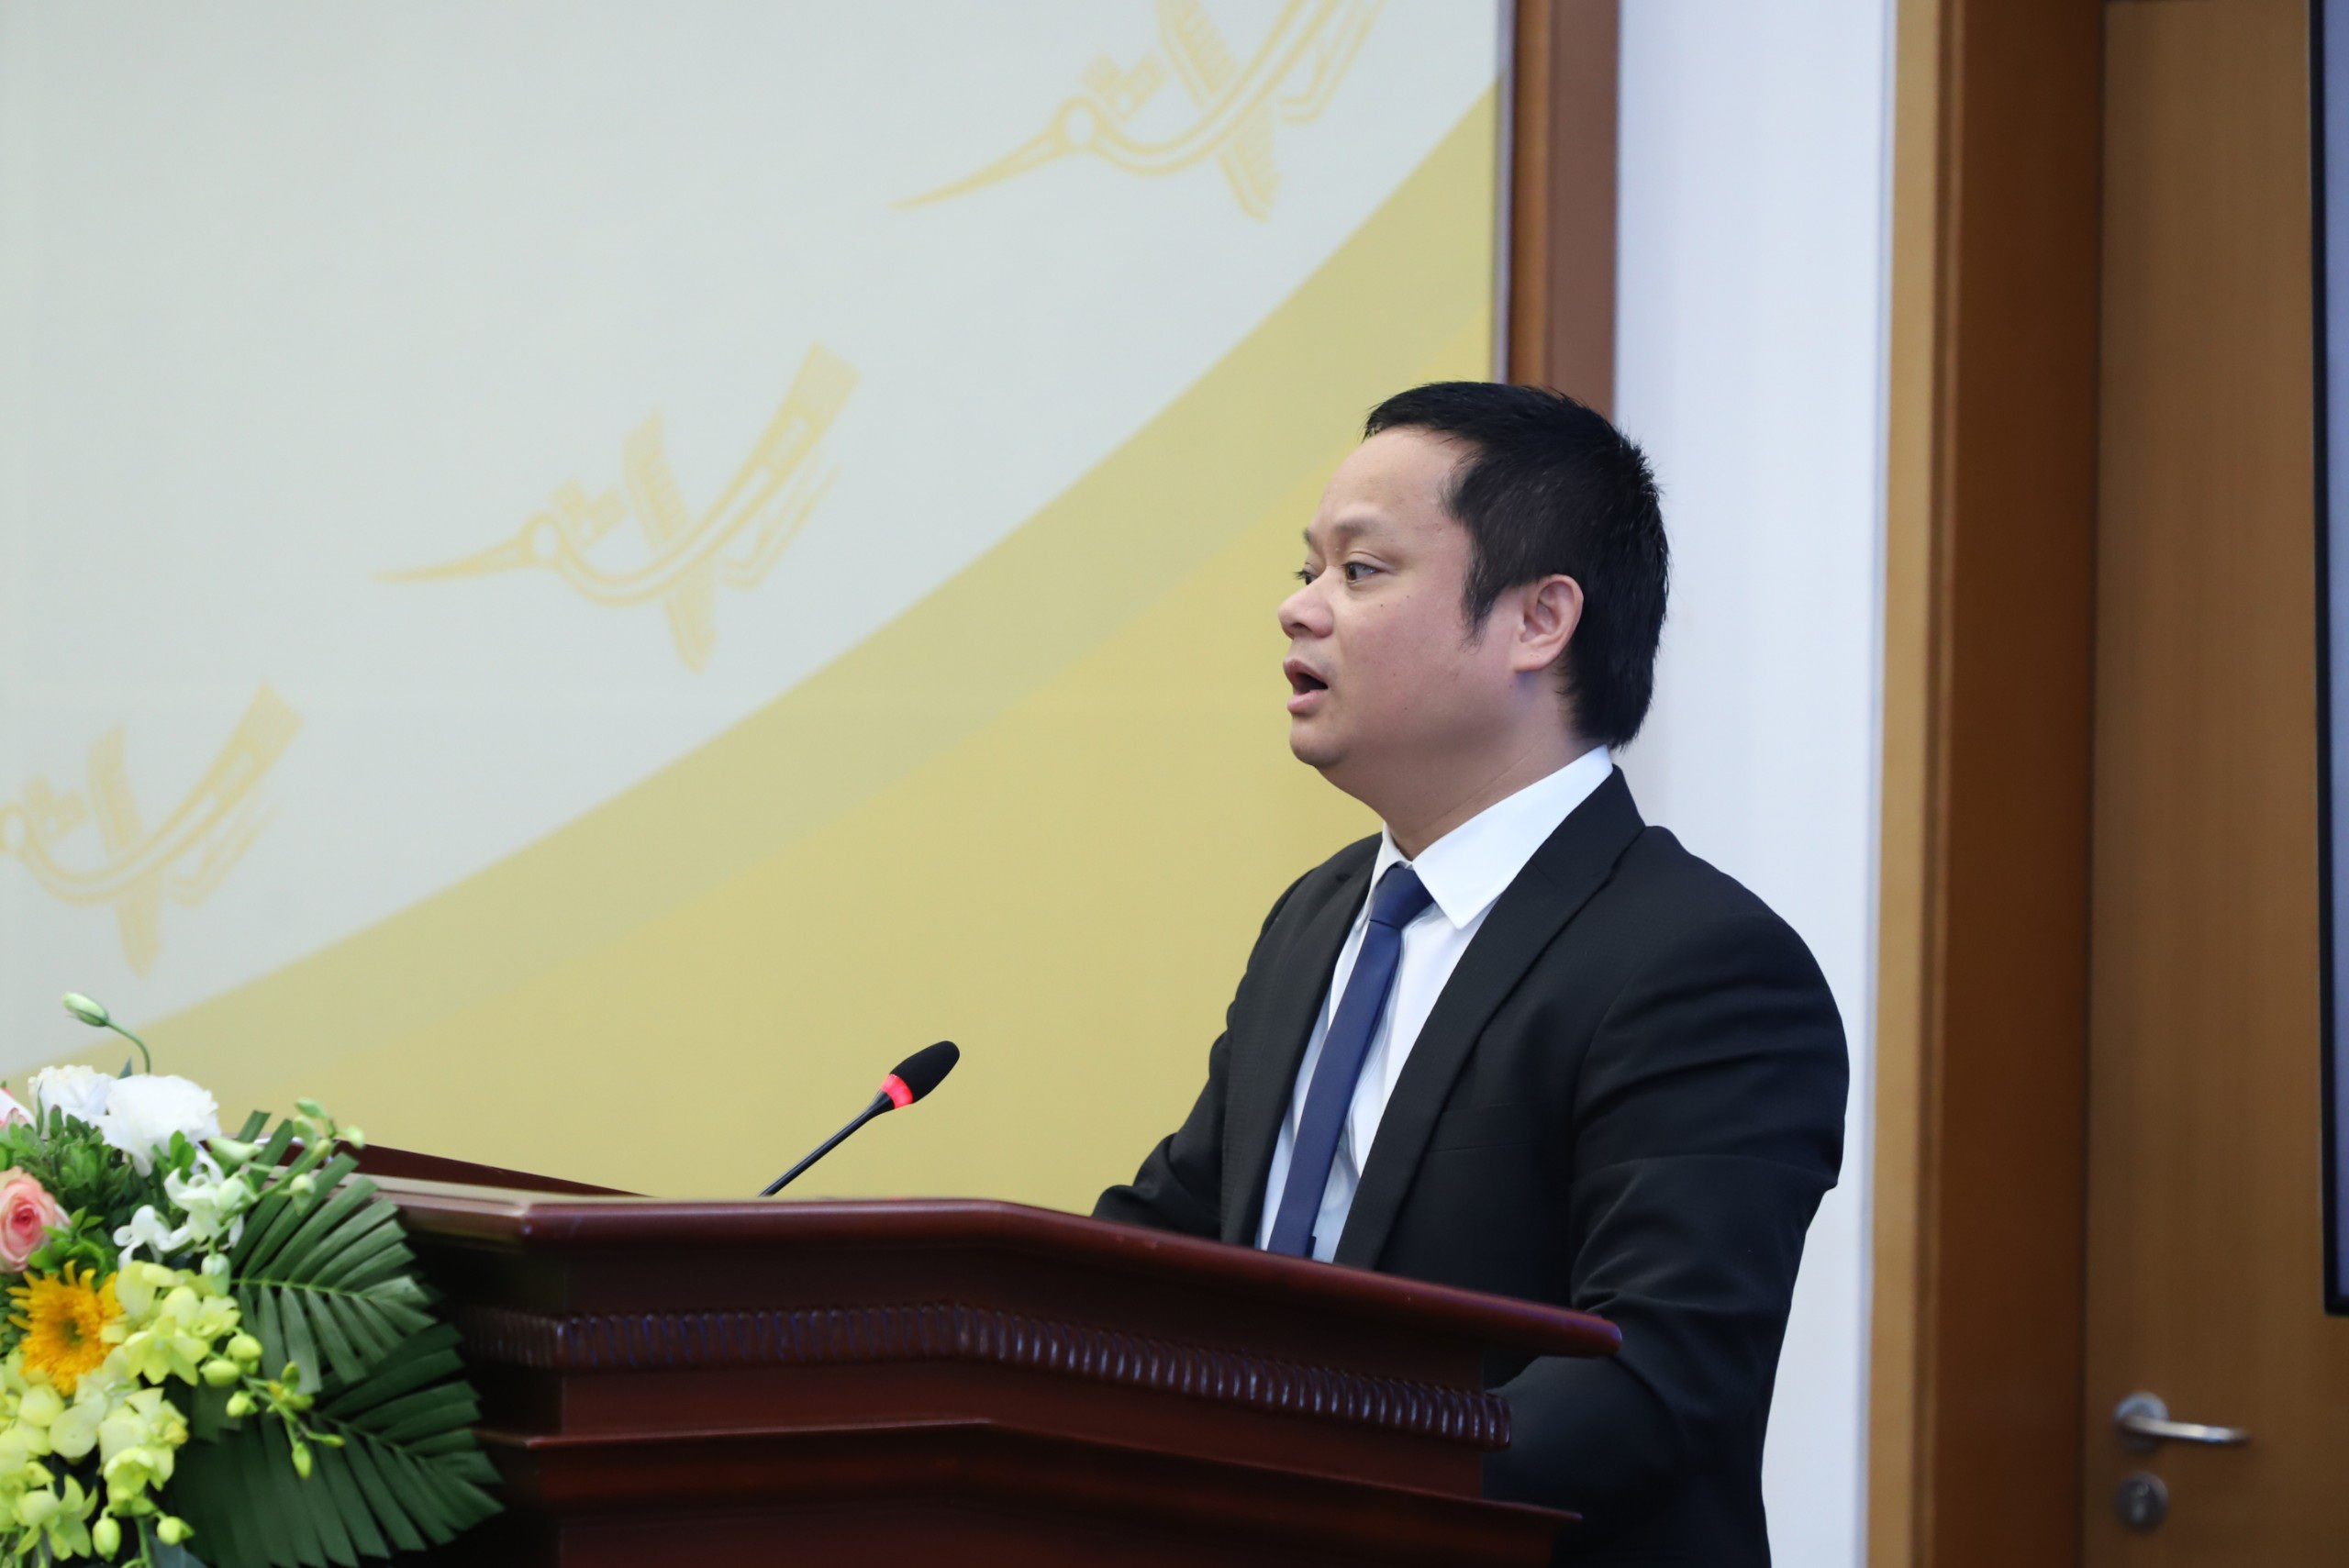 Quốc hội chuẩn bị xem xét nhân sự thay thế Thống đốc Ngân hàng nhà nước